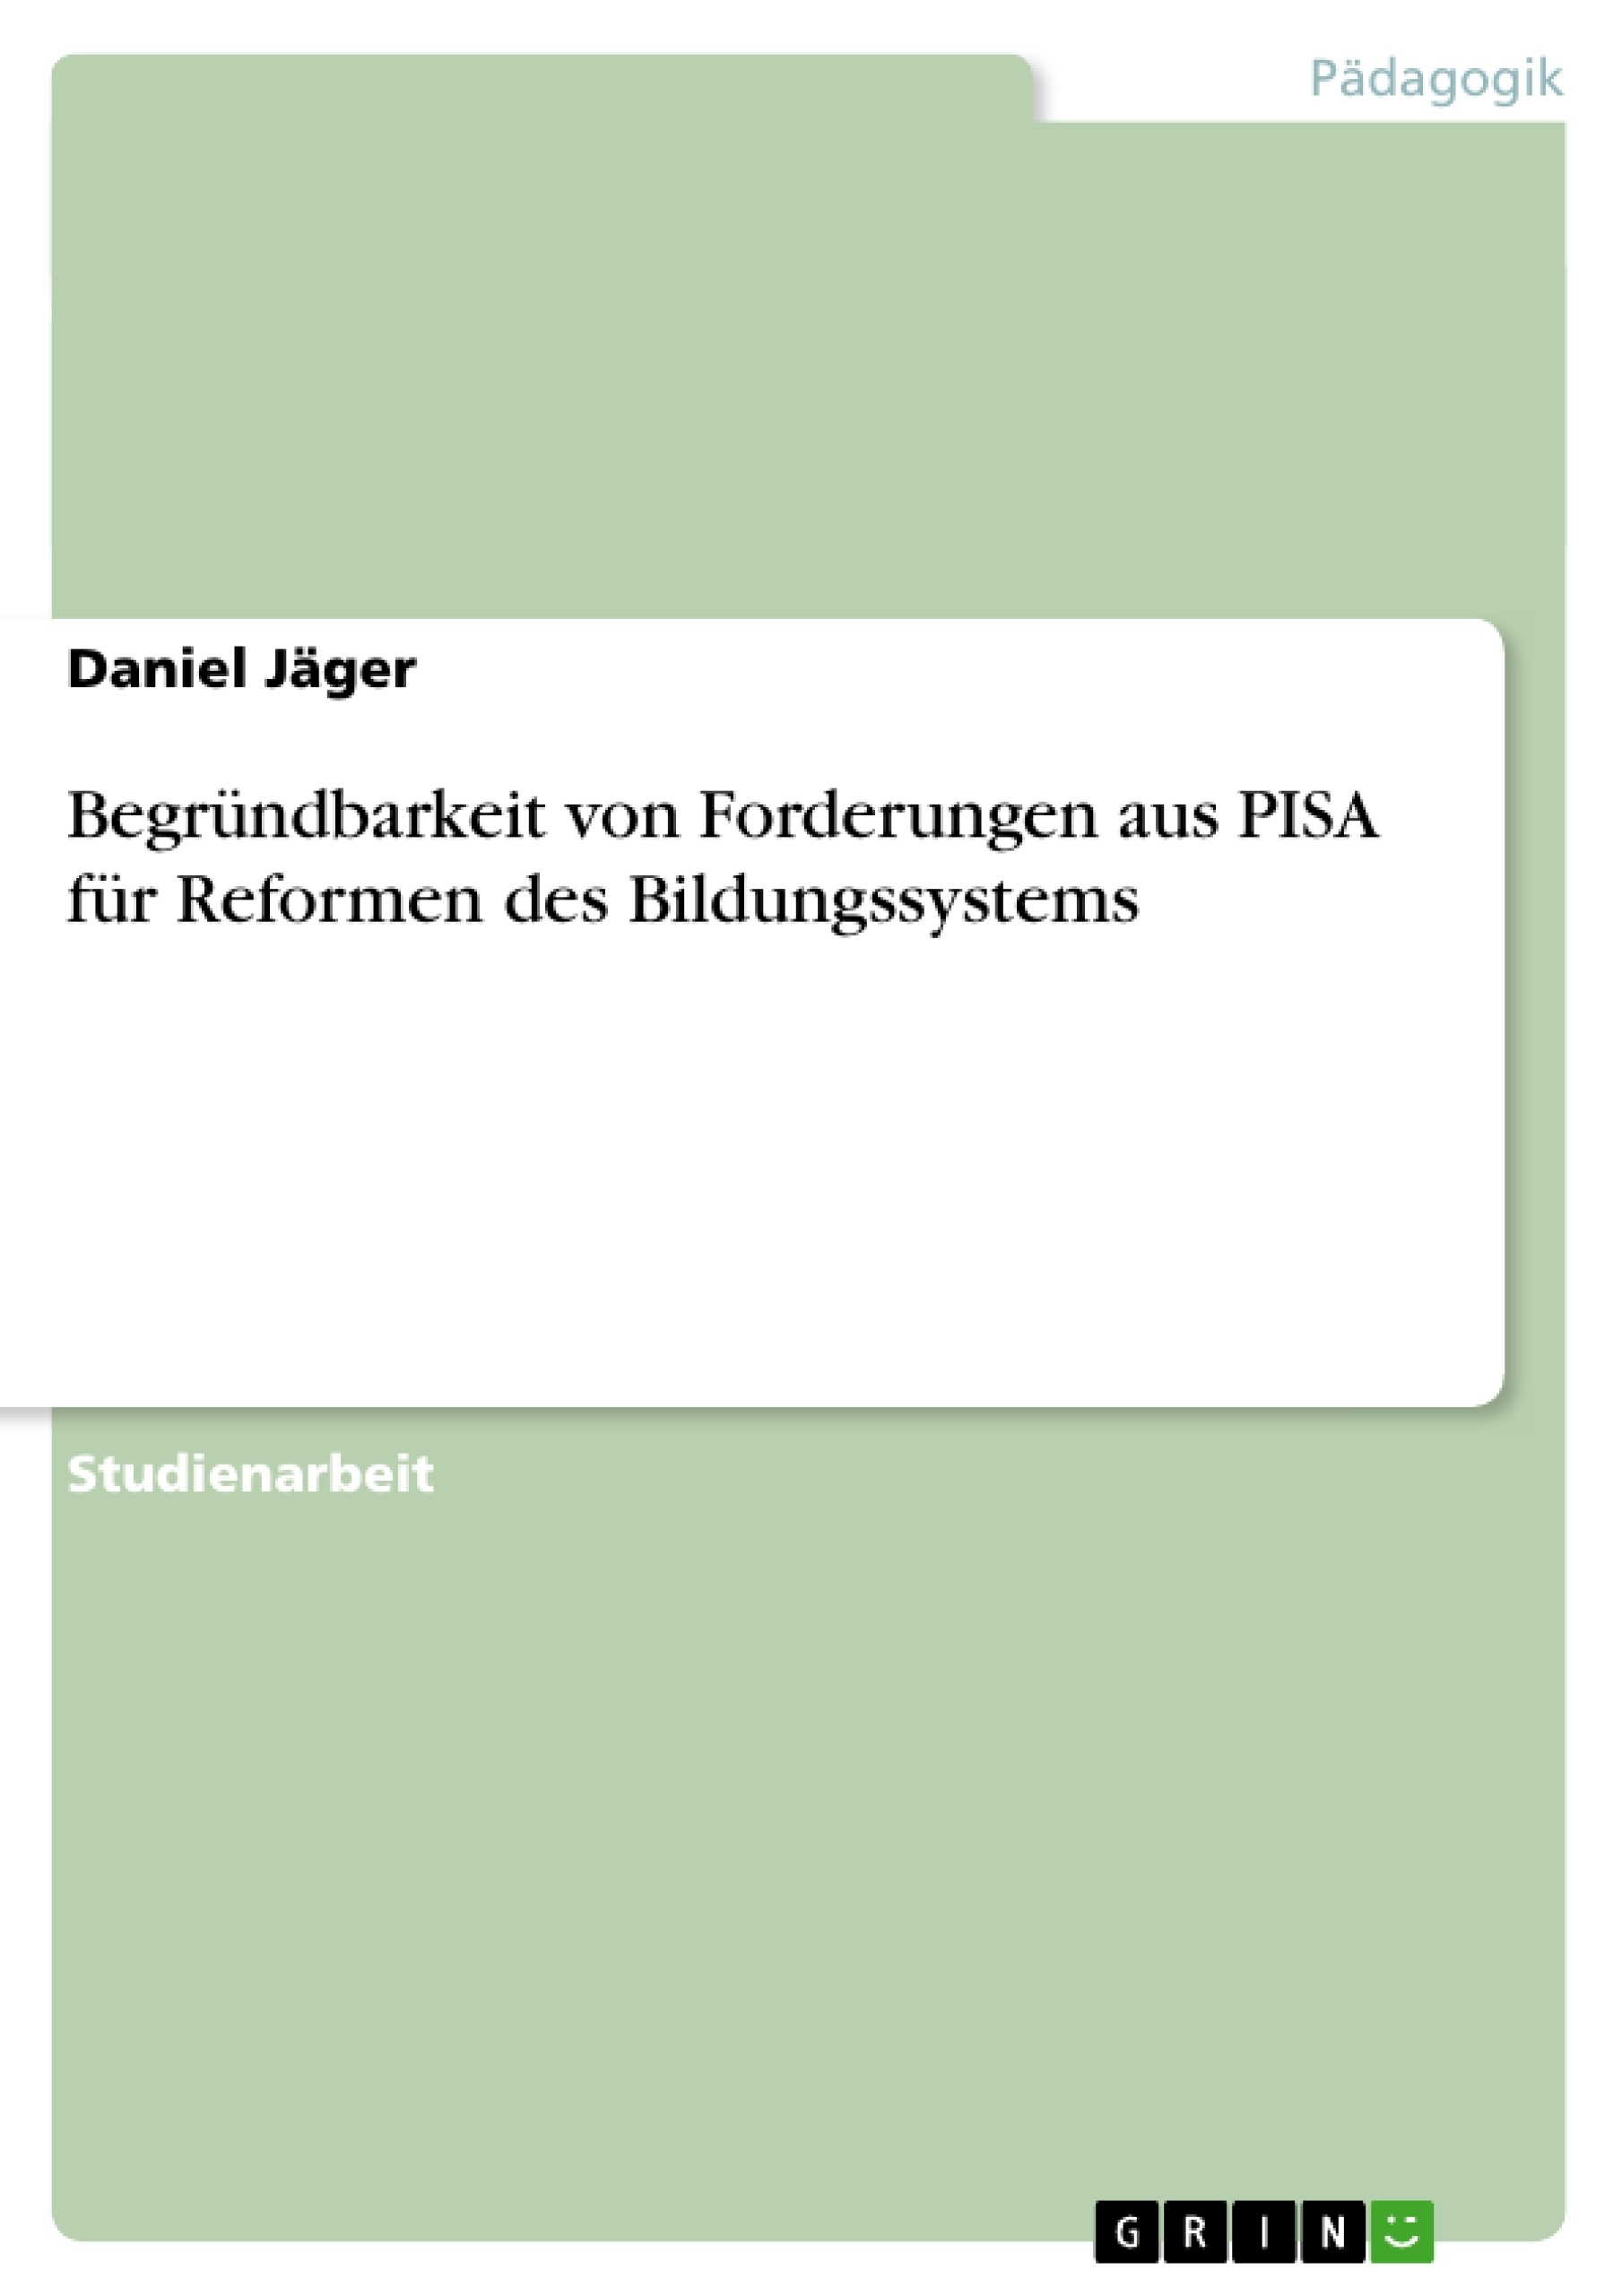 Titel: Begründbarkeit von Forderungen aus PISA für Reformen des Bildungssystems